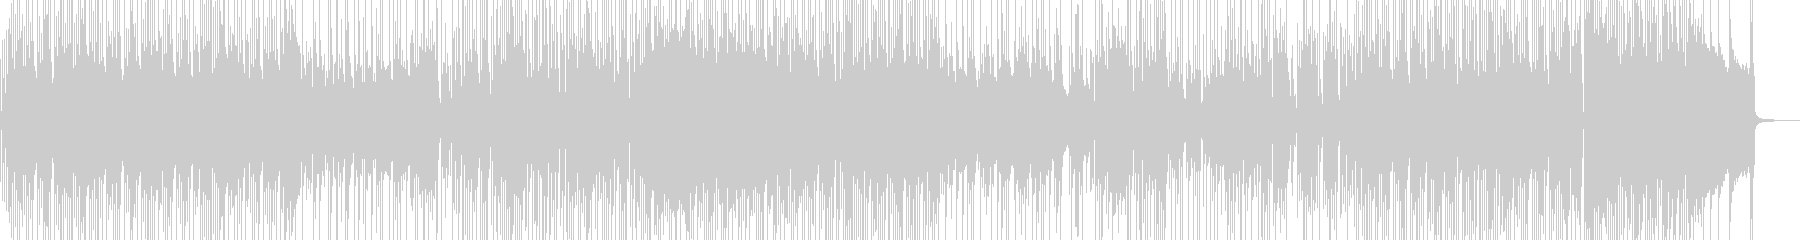 三味線・行楽・まったりジャズポップ 短尺の未再生の波形